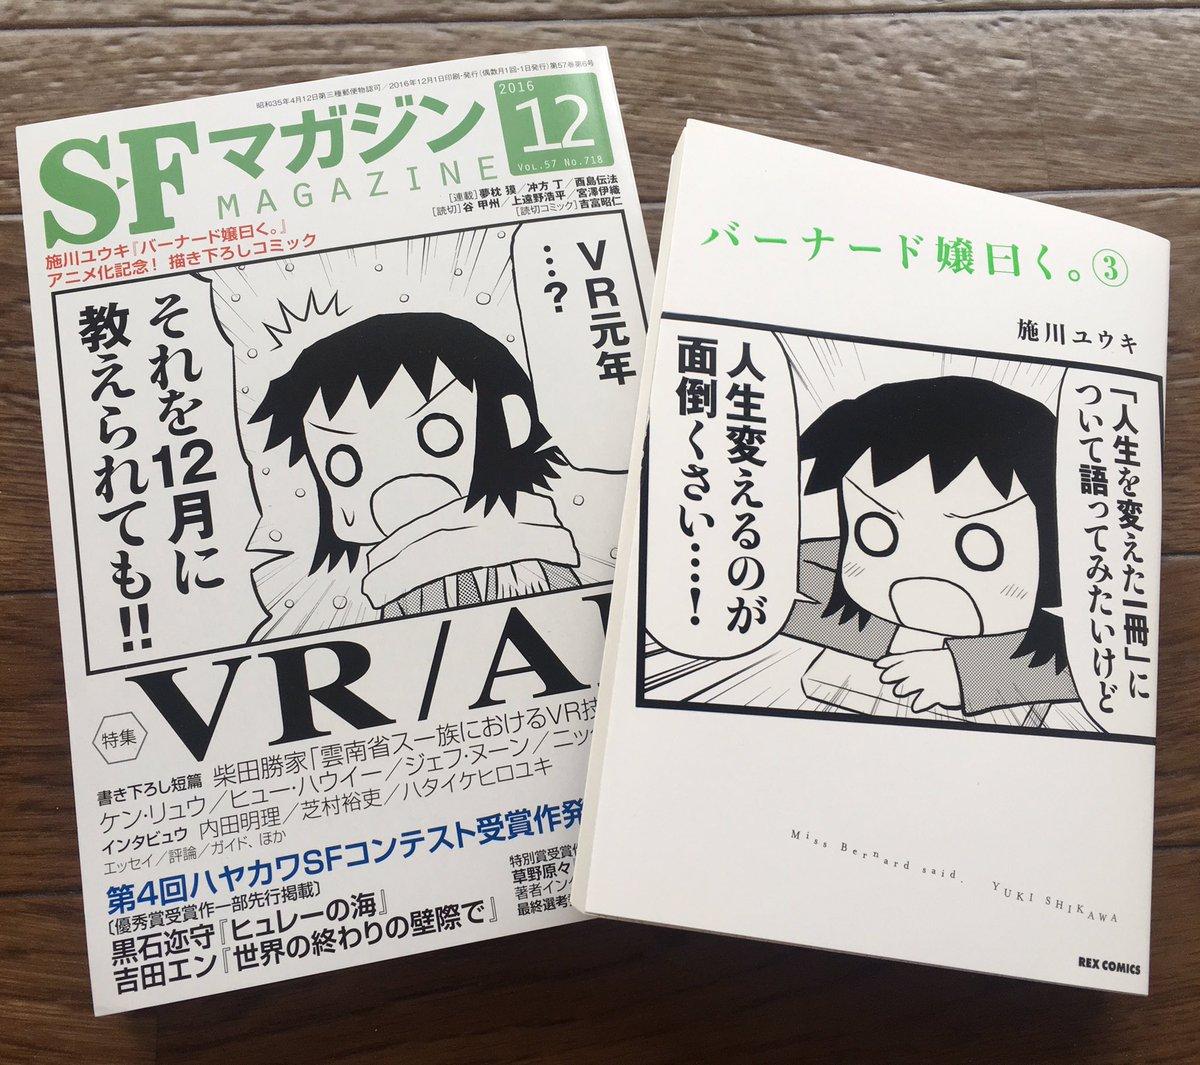 両方買い揃えたくなるような表紙ですね…! ド嬢3巻は、27日発売です。